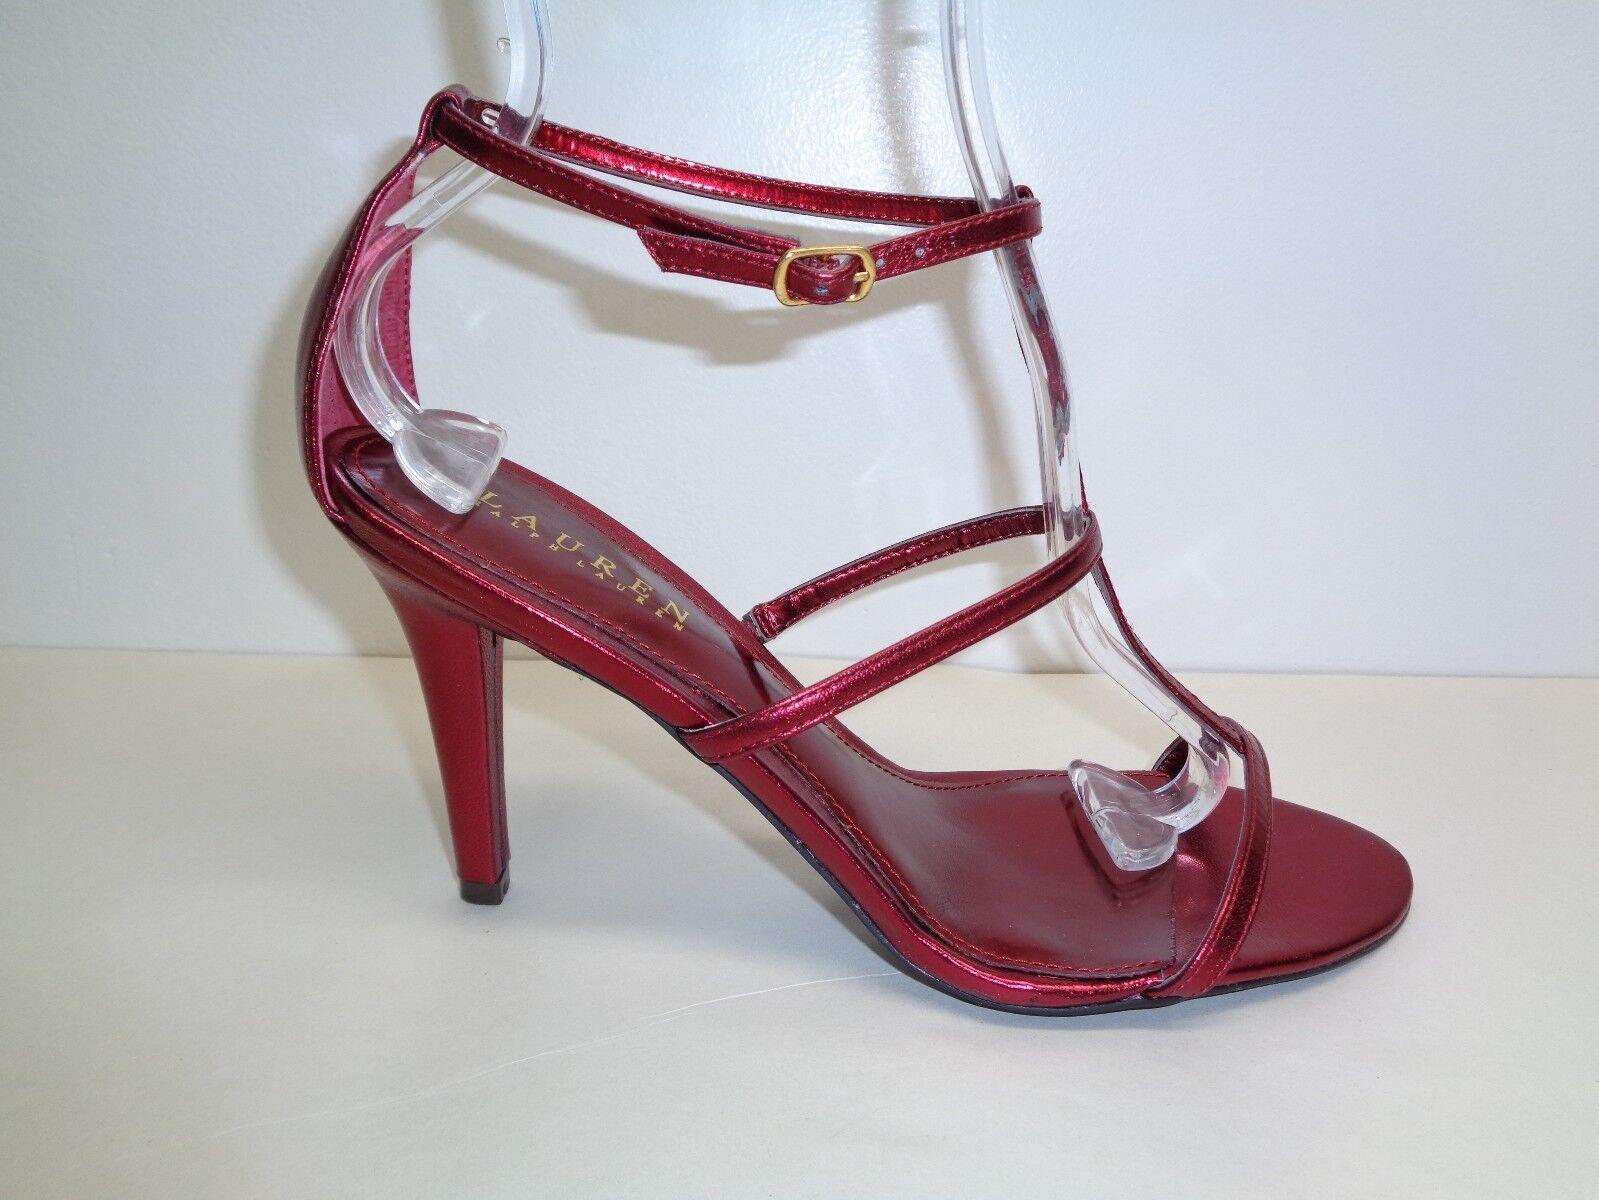 Ralph Lauren Größe 8.5 M AIDA II Holiday ROT Leder Sandales NEU Damenschuhe Schuhes